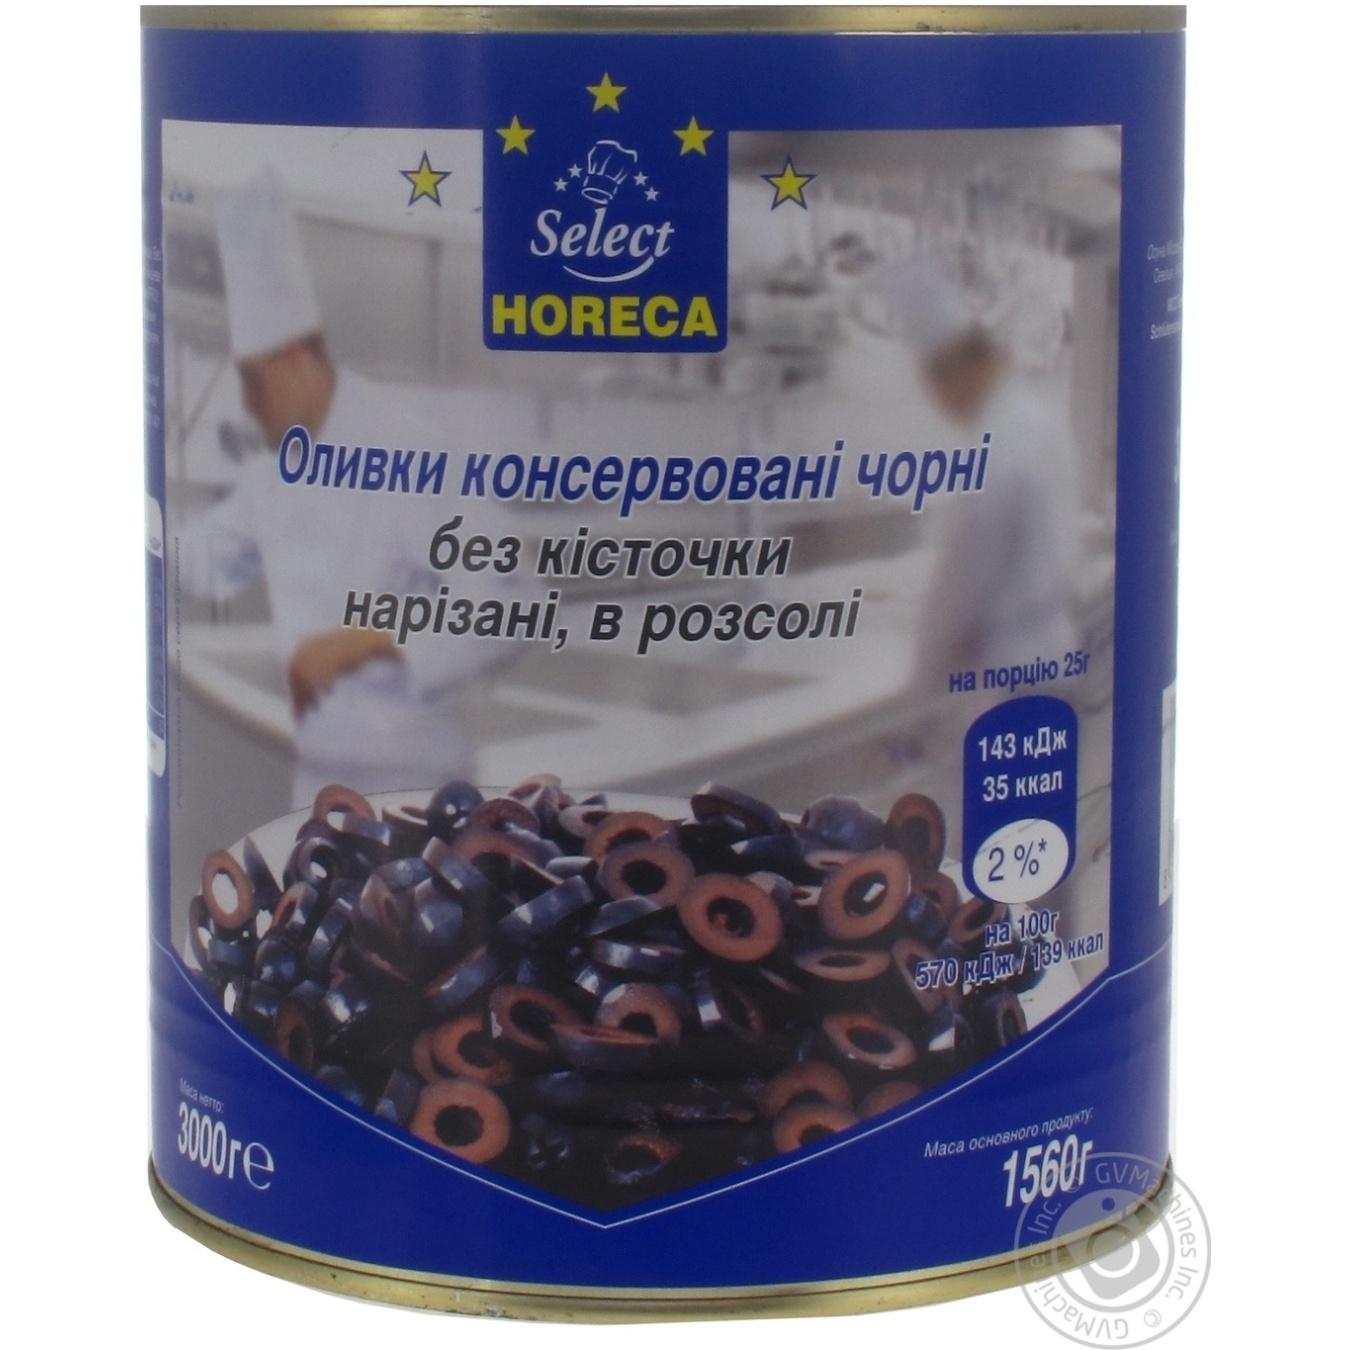 Оливки консервированные Horeca Select черные без косточек нарезанные в рассоле 3кг